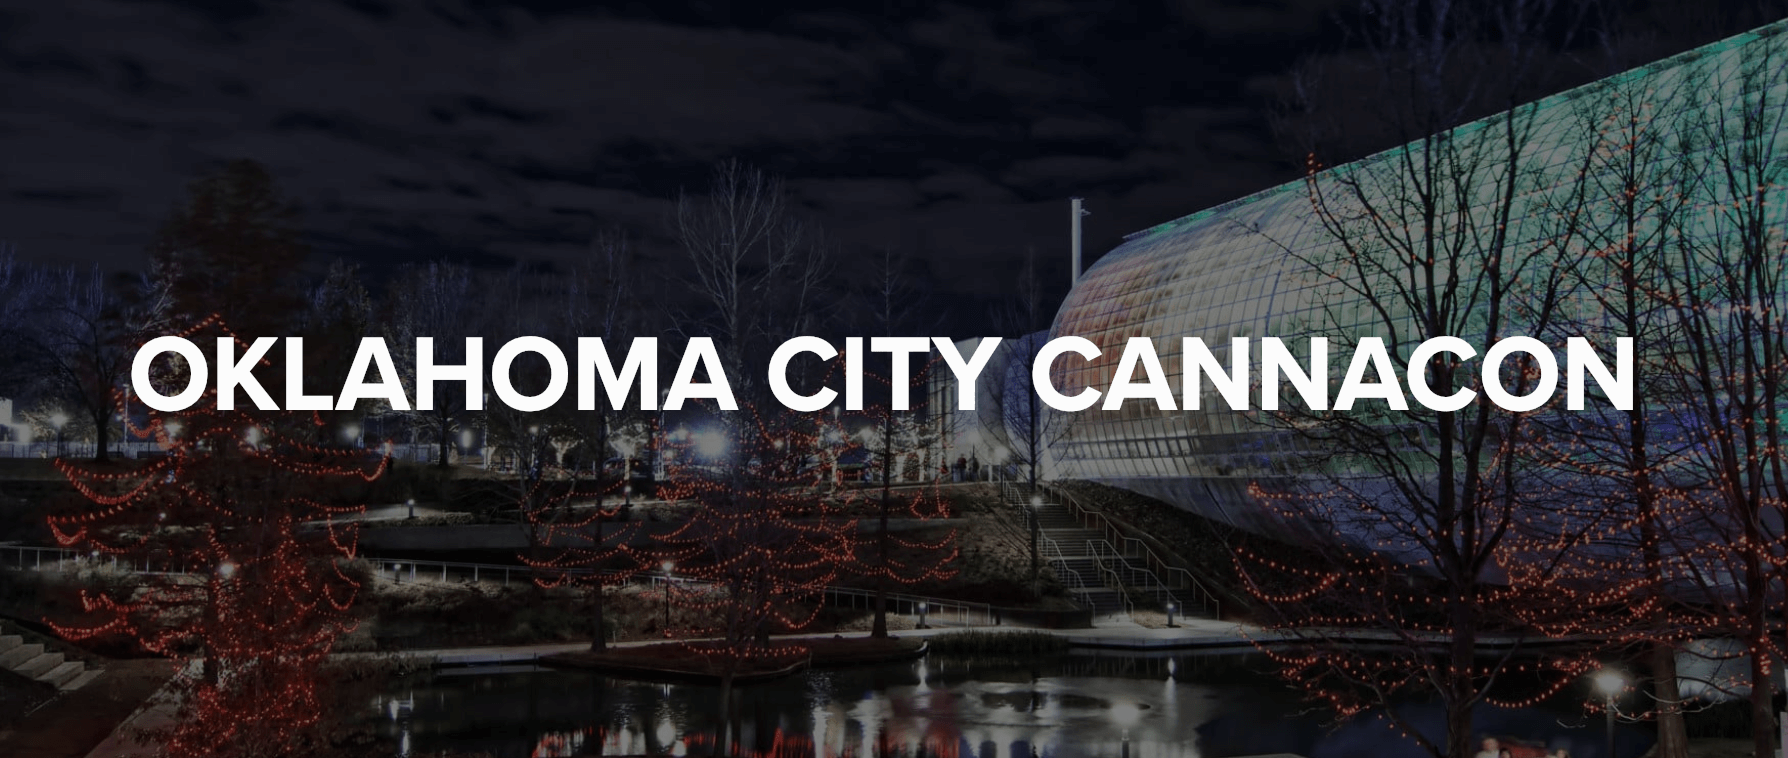 CannaCon South in Oklahoma City at Oklahoma City Convention